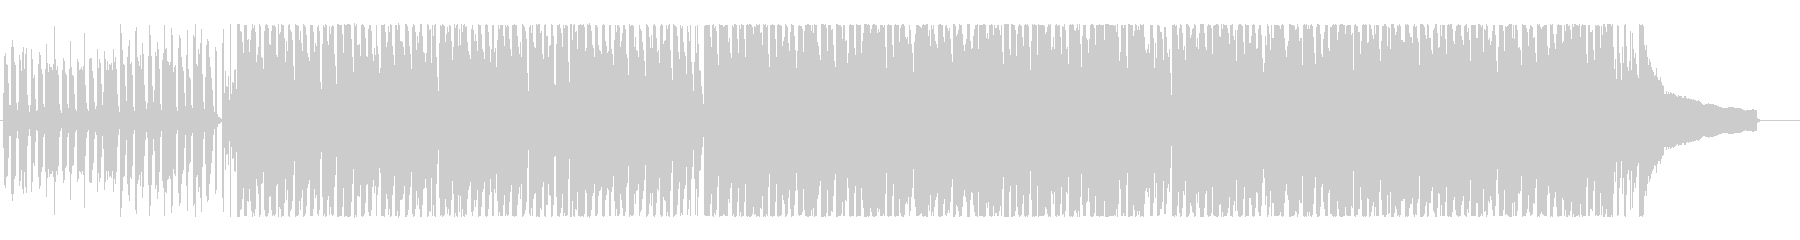 ハッピー、ポジティブ!明るいポップロックの未再生の波形